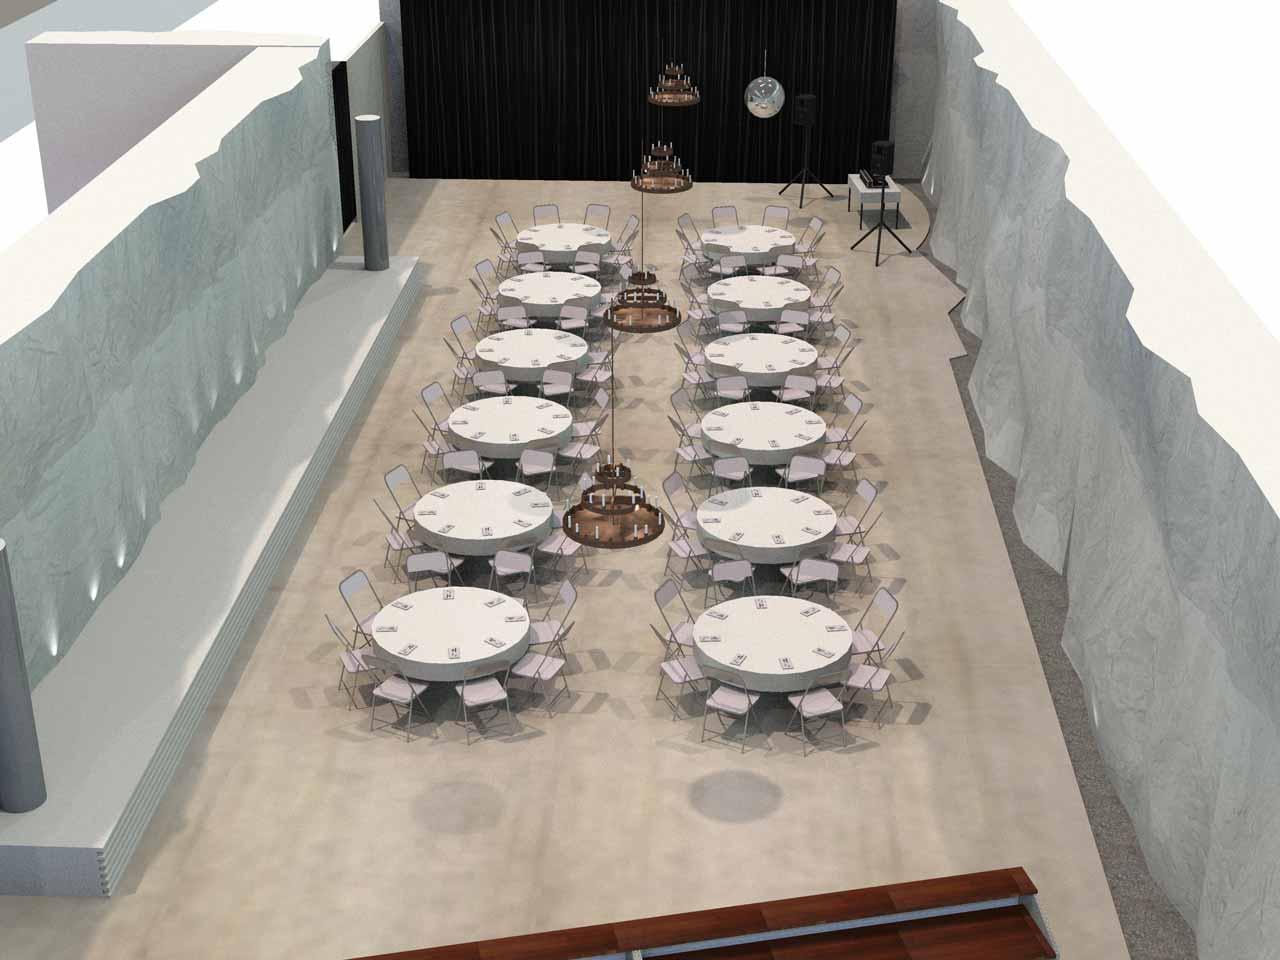 Placeringsskiss, Piren eventlokal, 96 middagsgäster